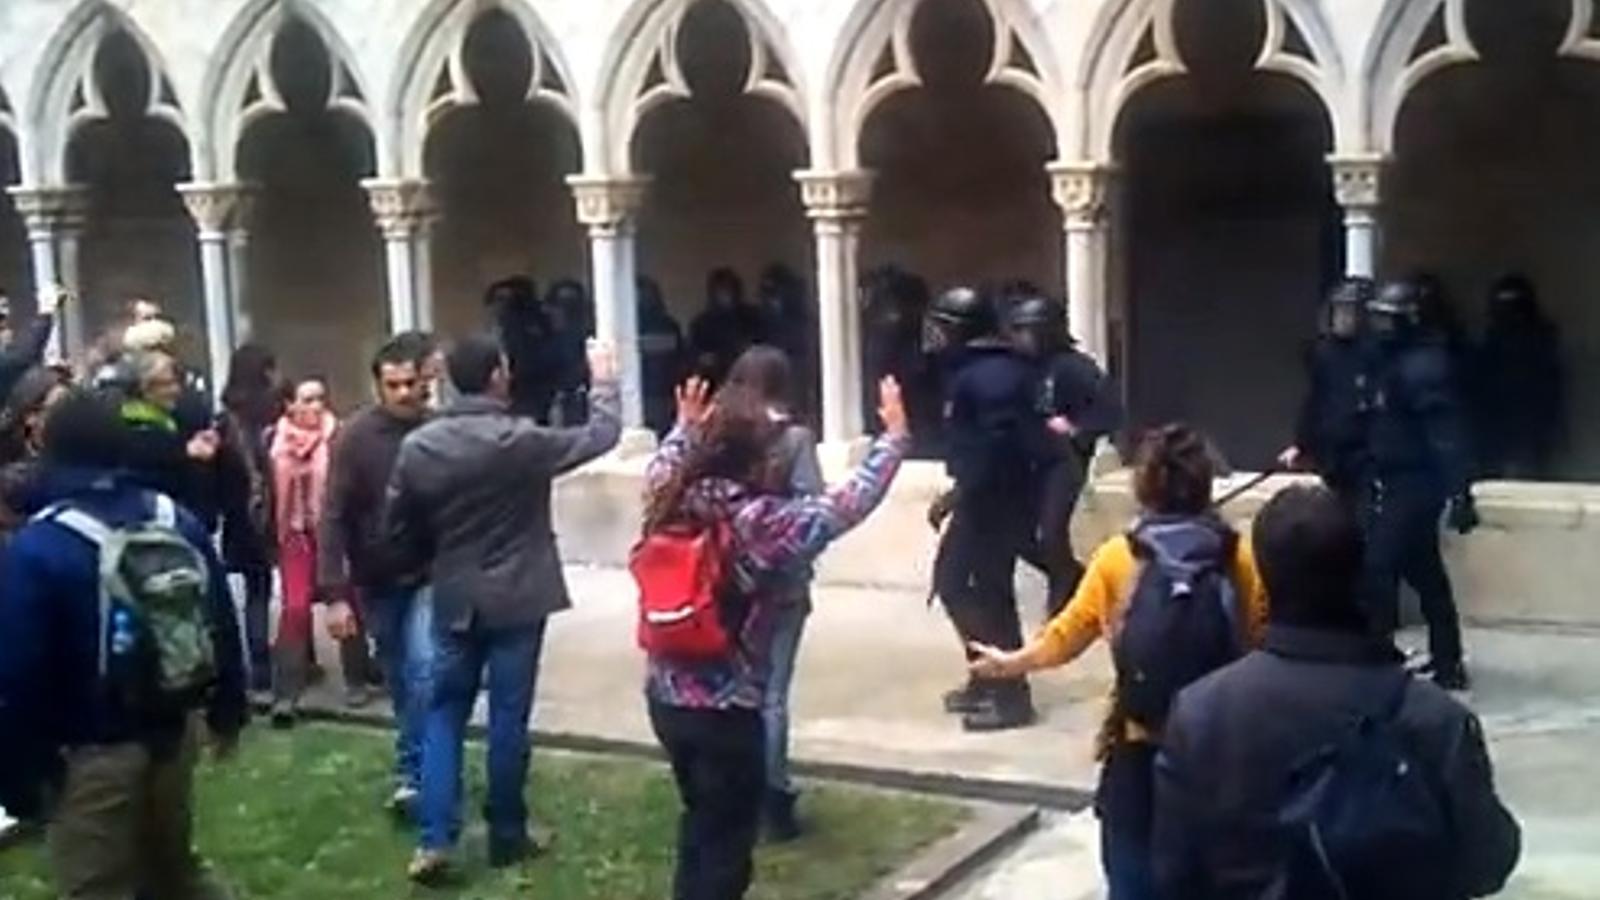 Els mossos carreguen contra estudiants a la Universitat de Girona